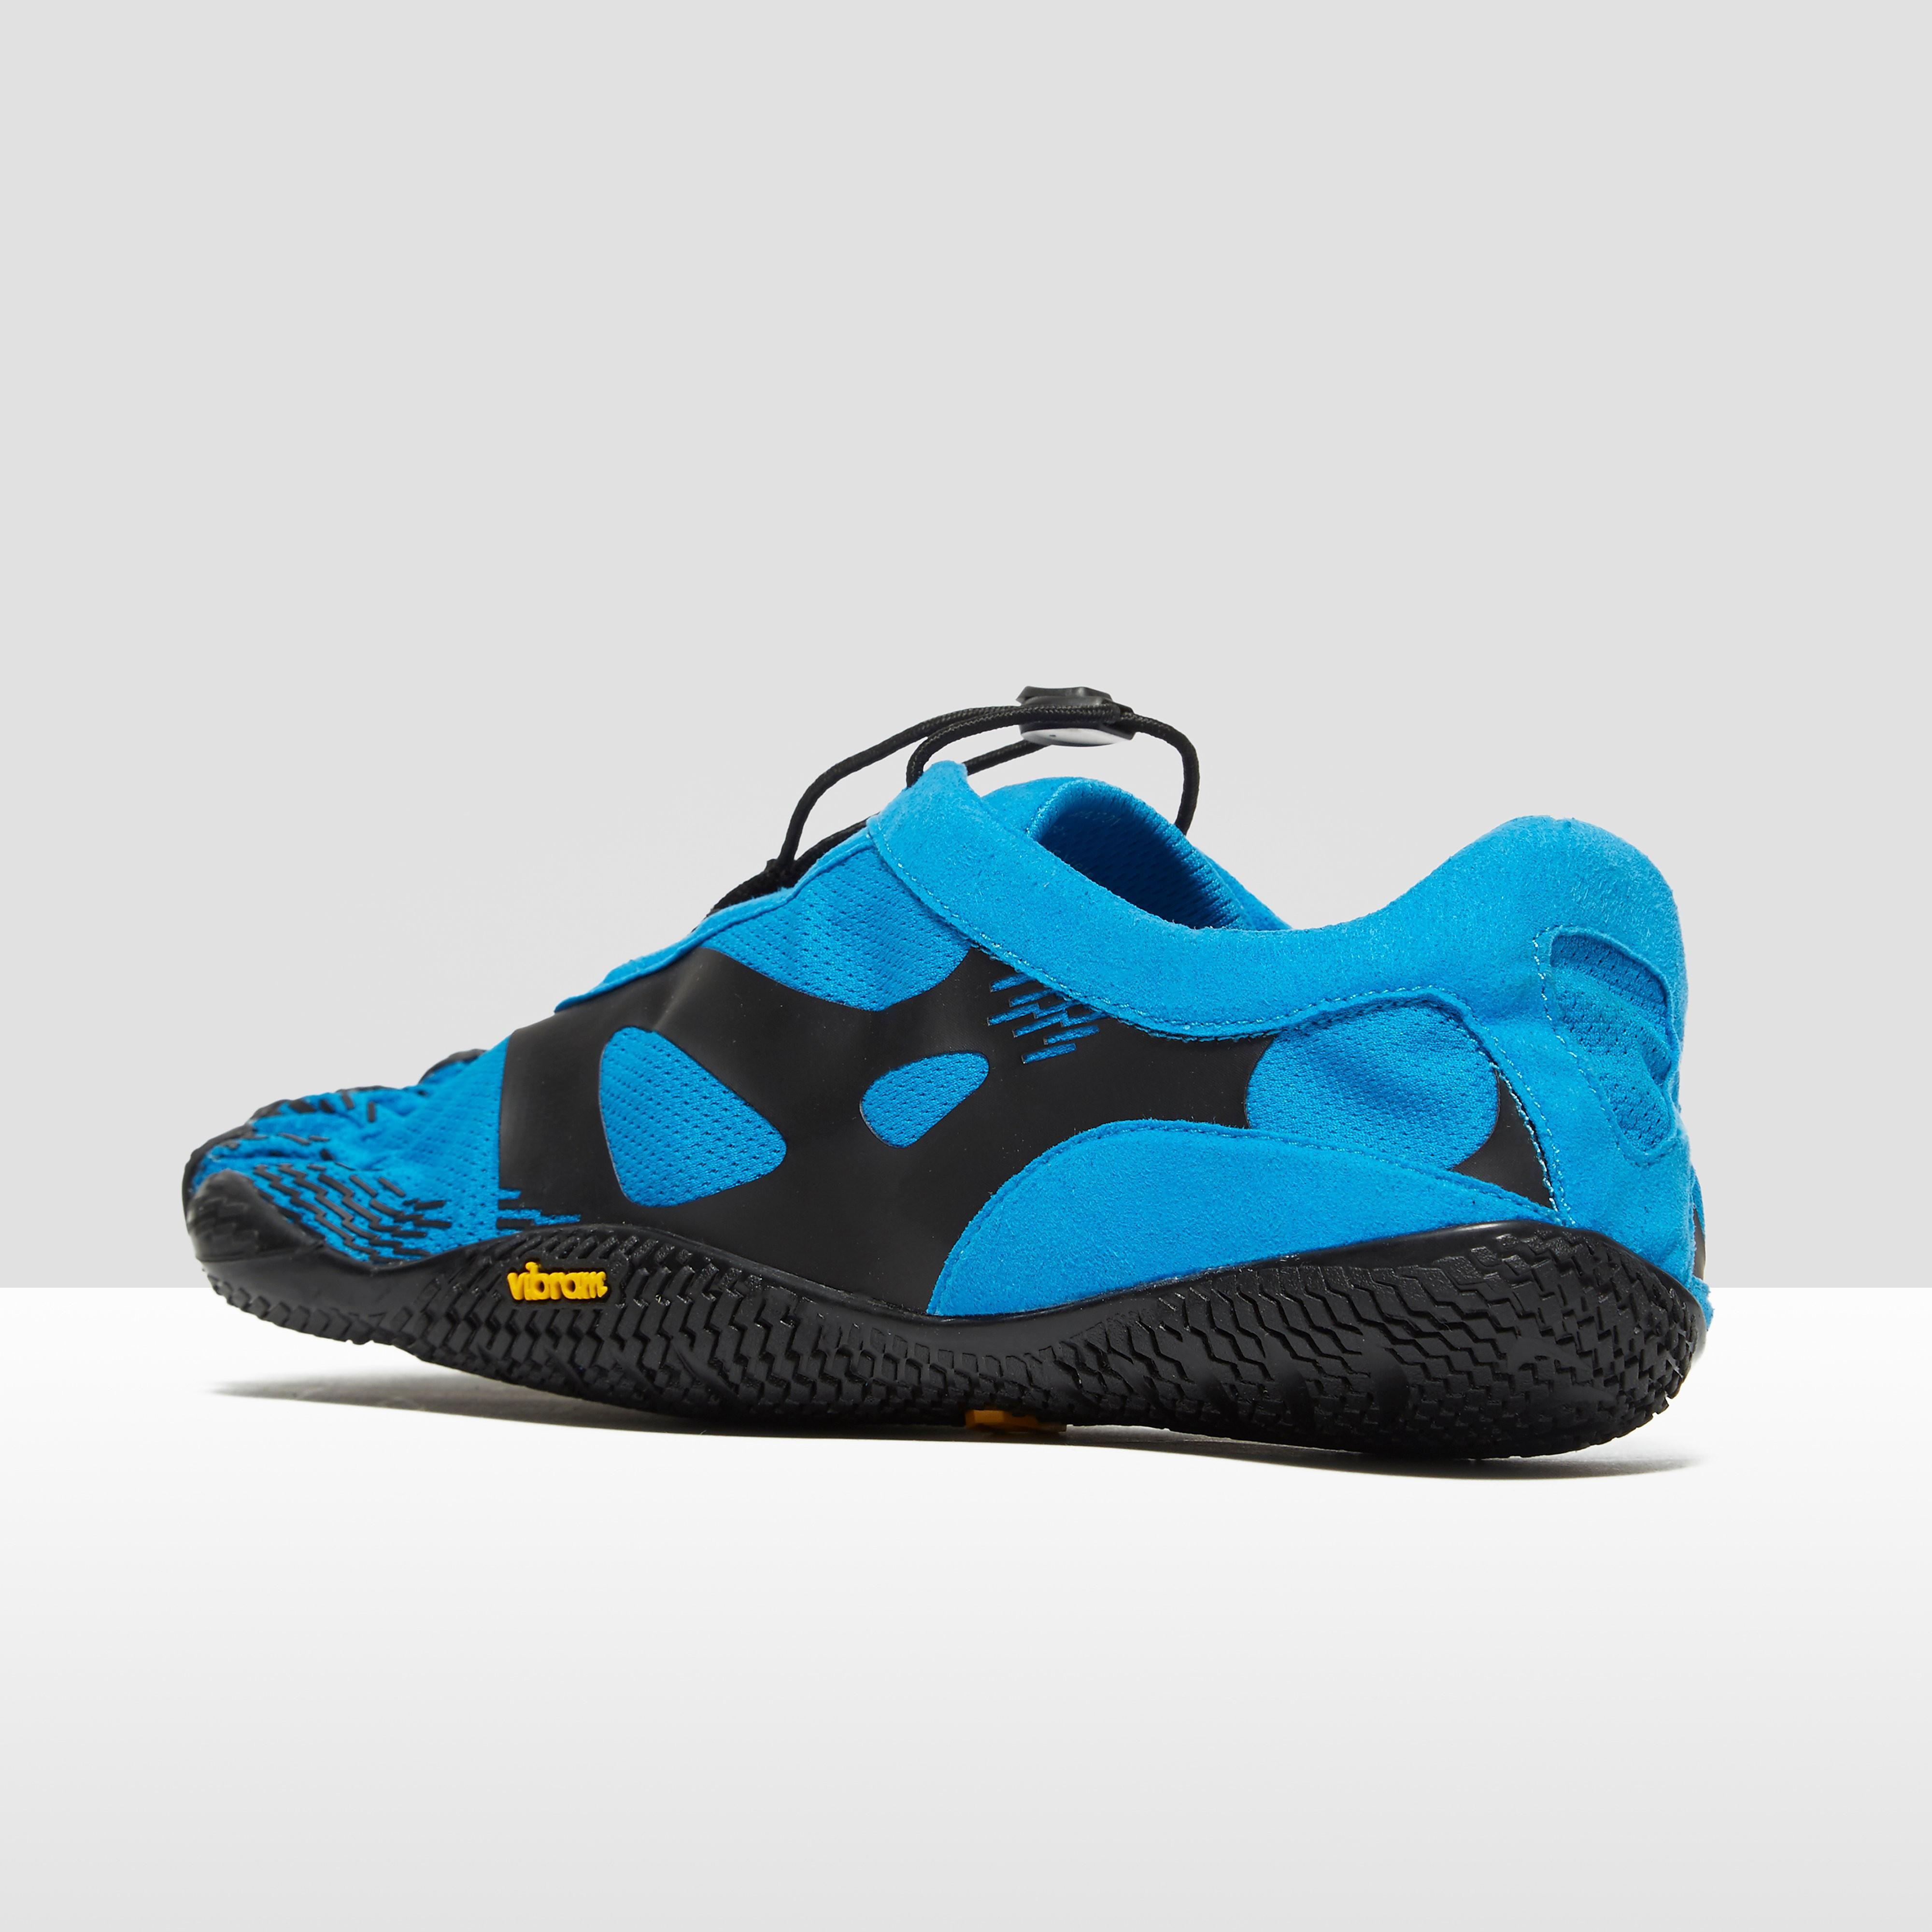 Vibram Five Fingers KSO Evo Men's Running Shoe